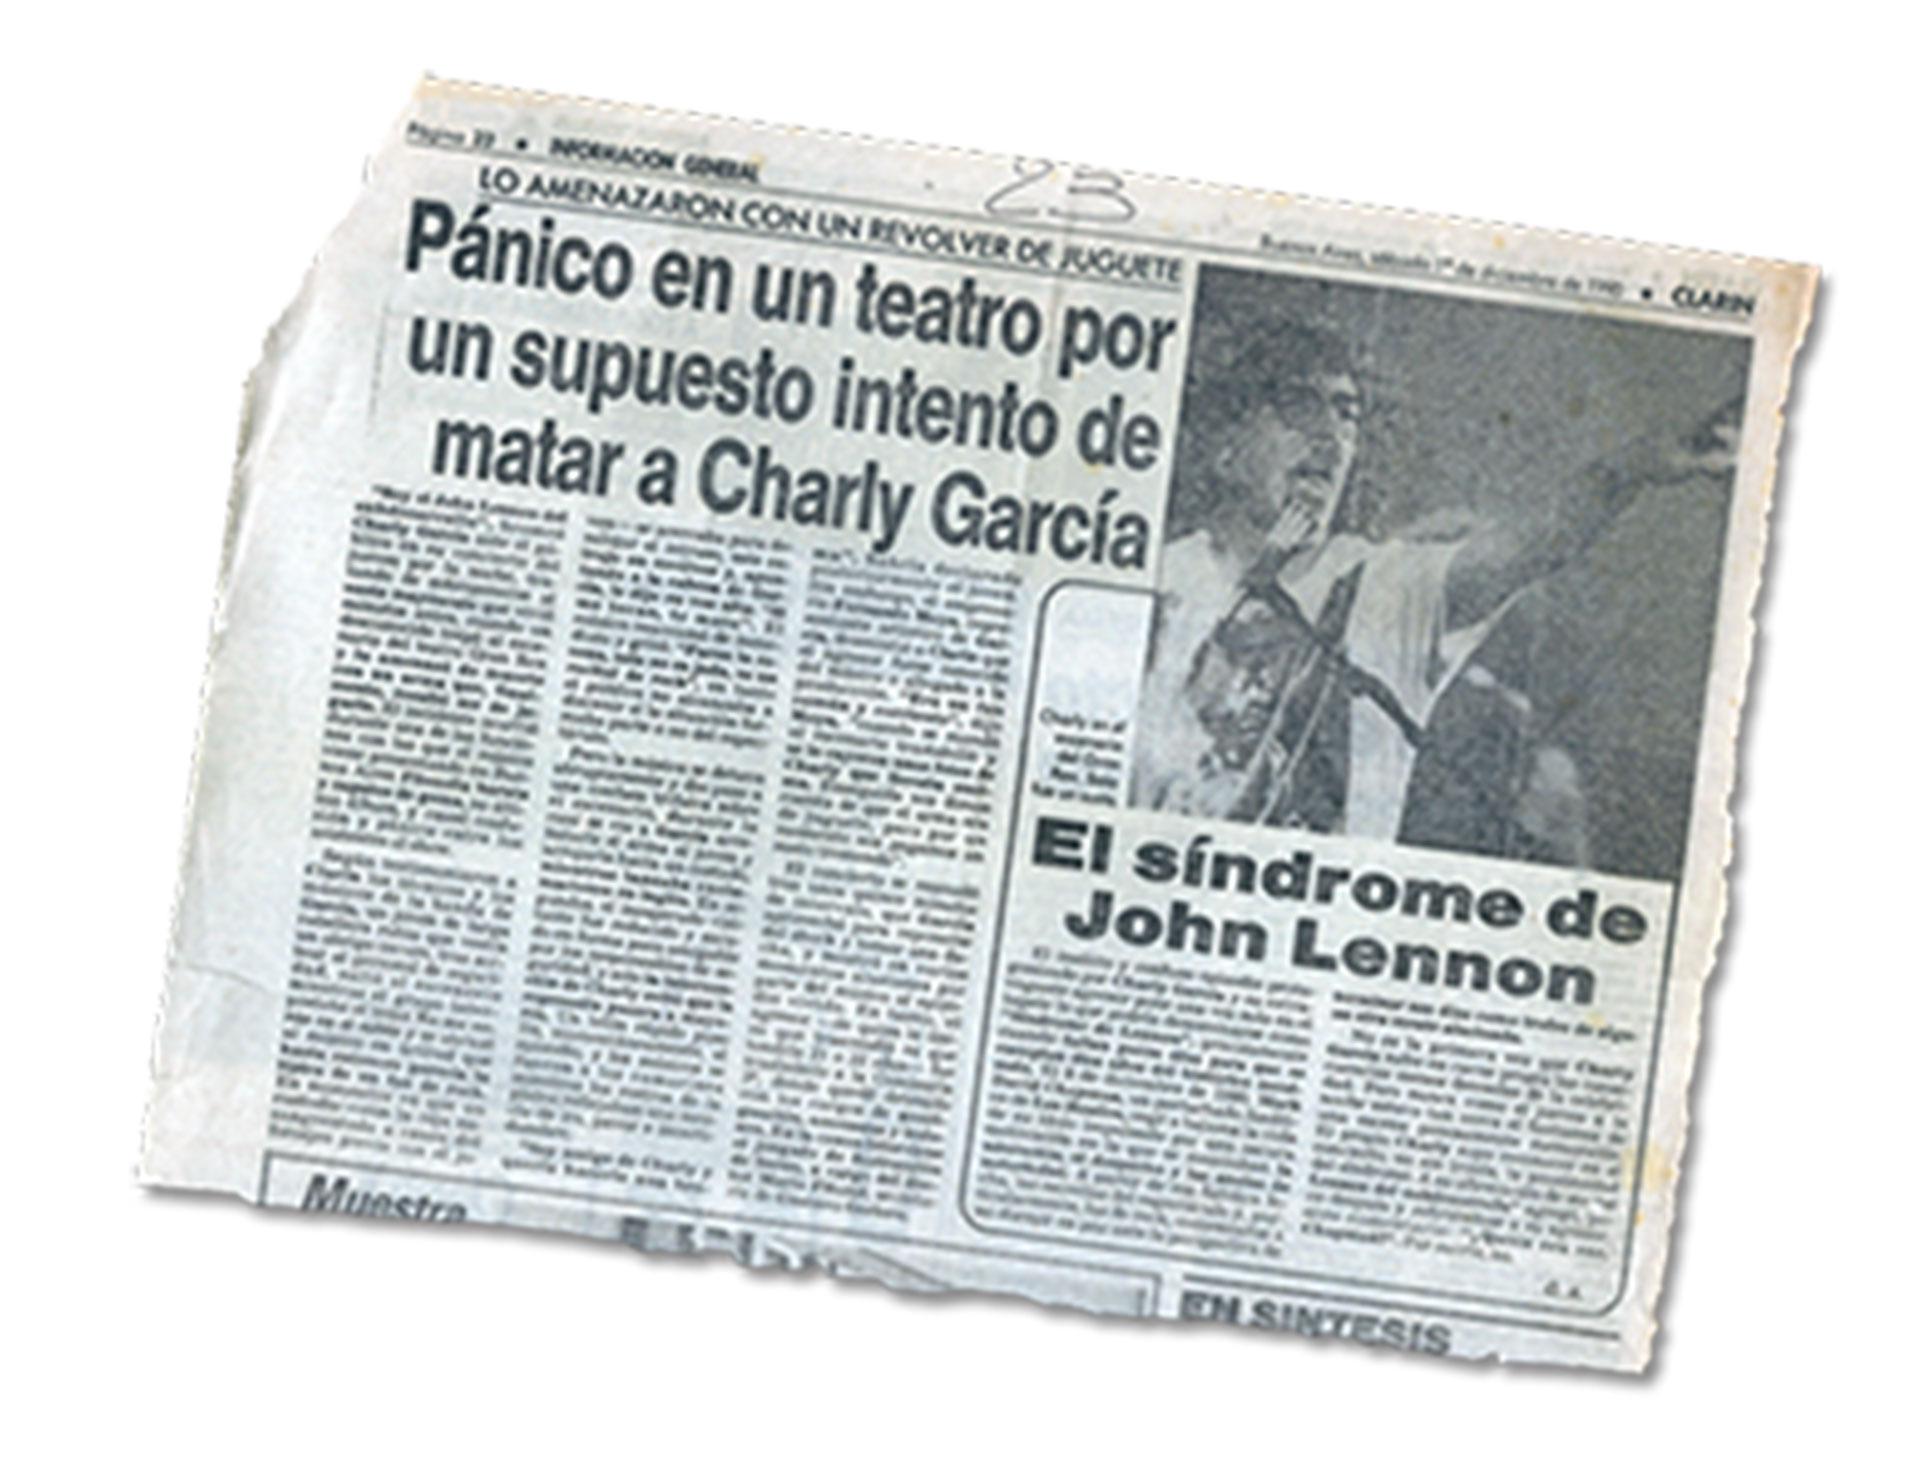 La cobertura de Clarín